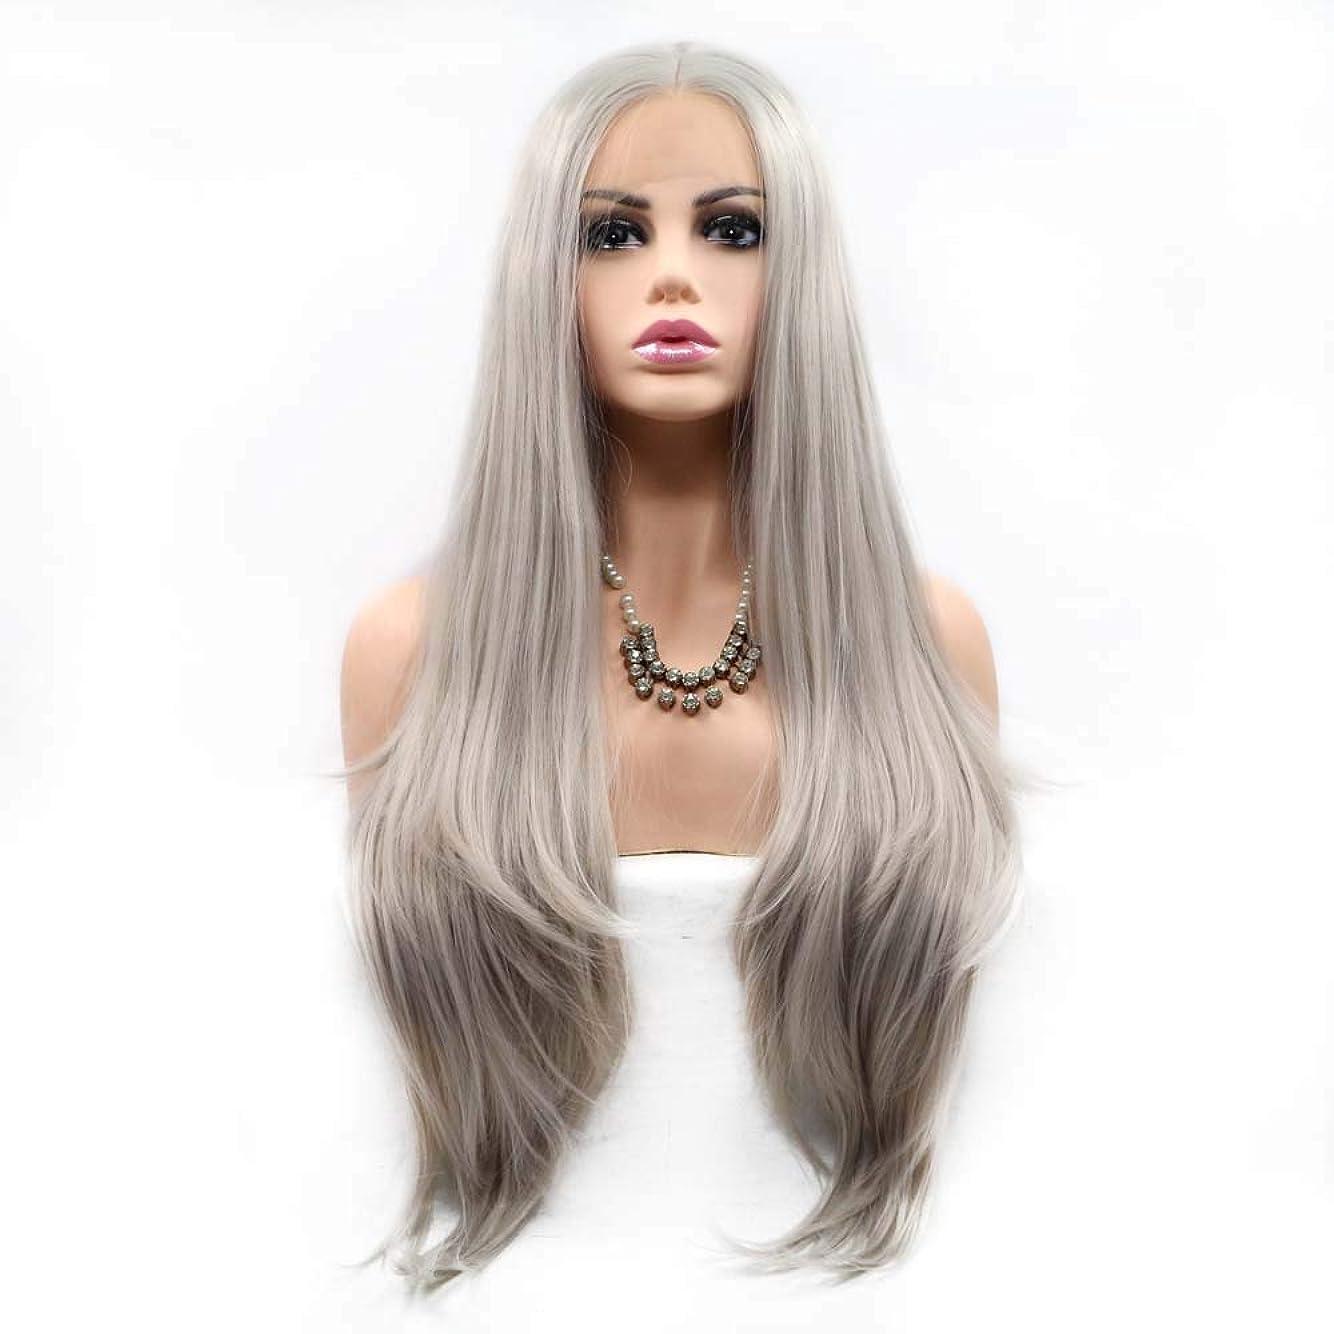 中央値時々時々敏感なZXF 長い髪の高温シルク ローズイントラネットの女性のかつらのフロントレースグレー 美しい